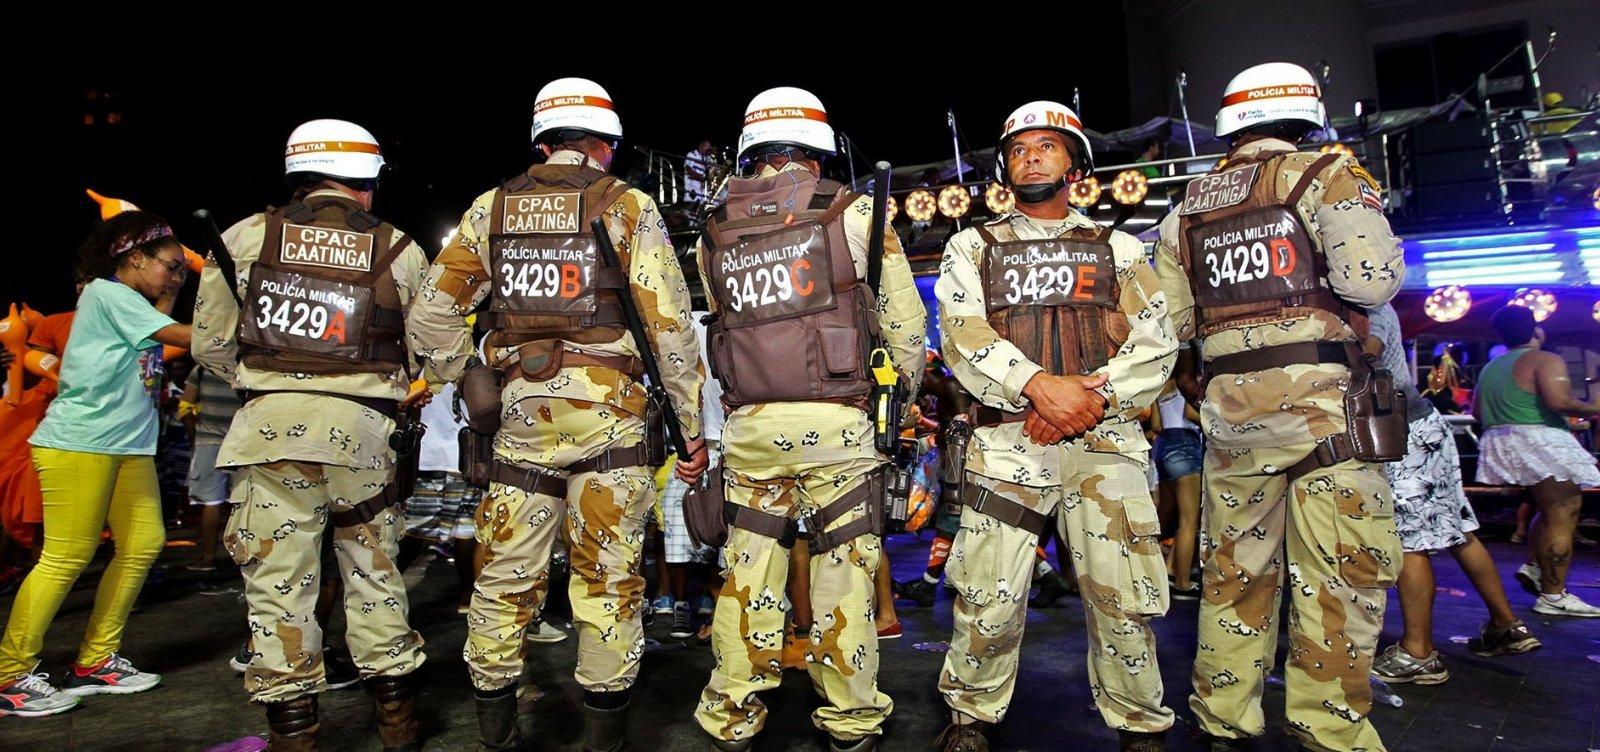 [Comandante da PM diz que policiais vão 'observar' mais durante o Carnaval]